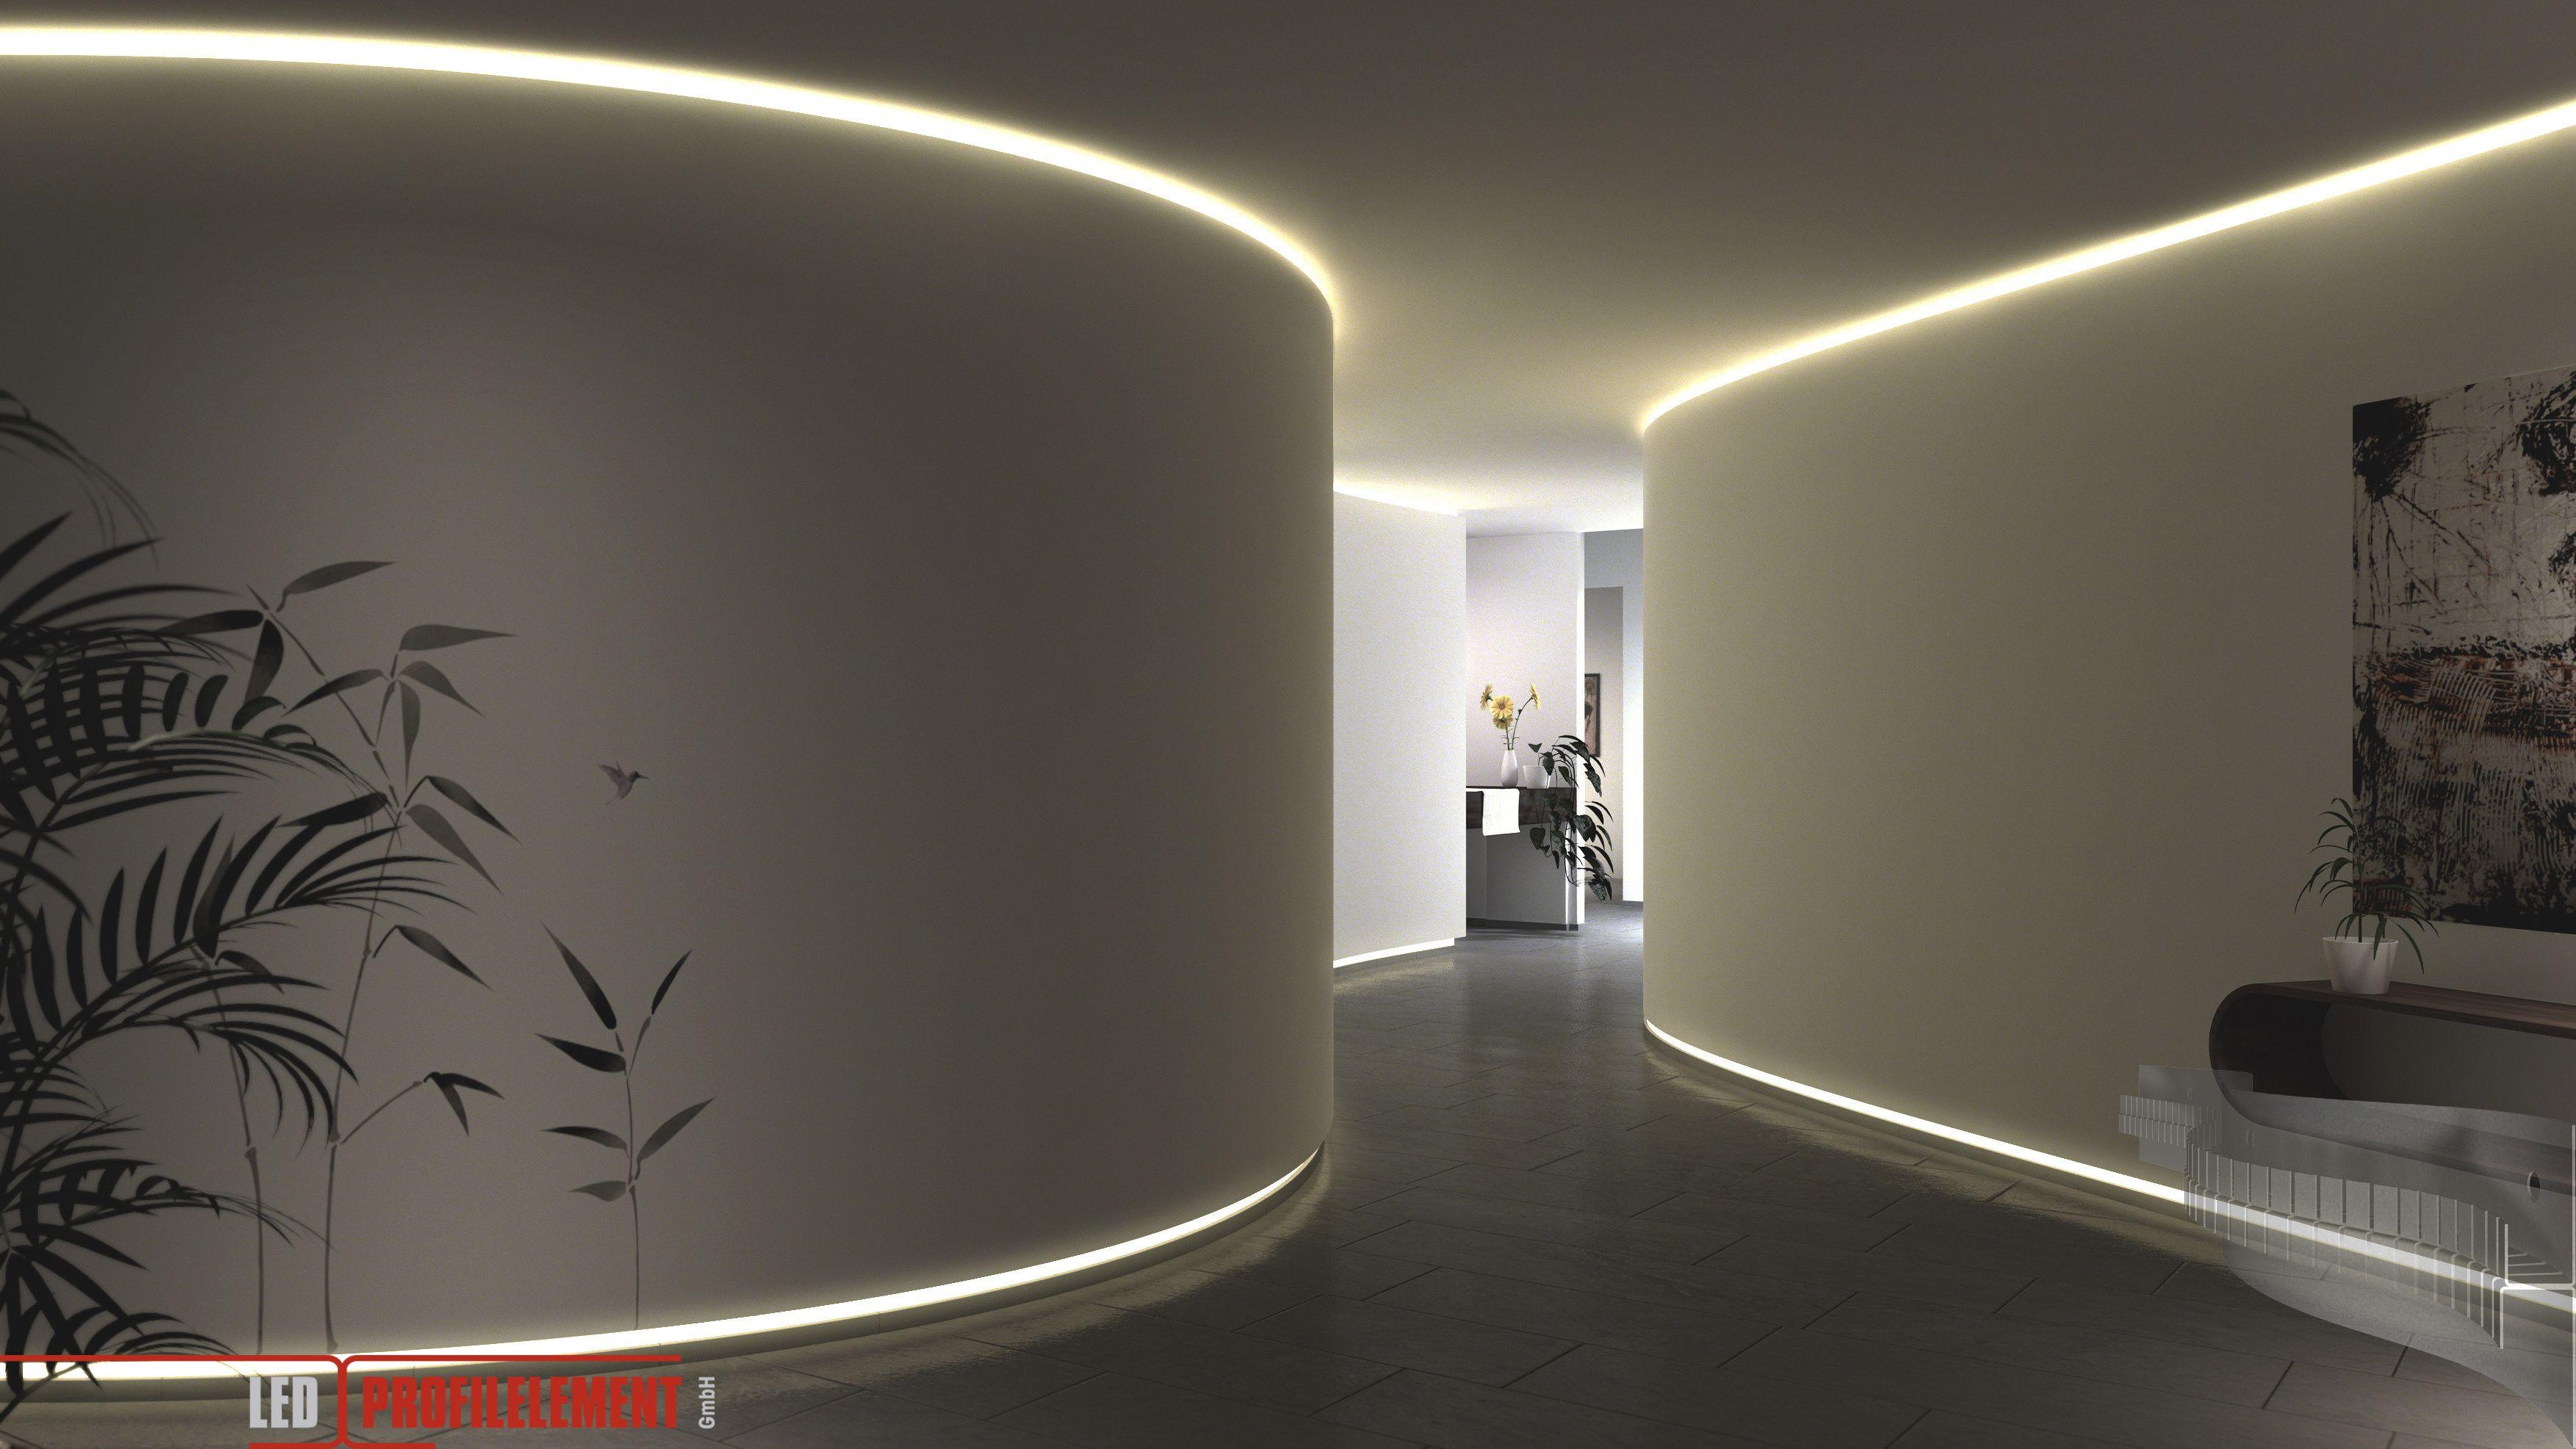 Indirekte Beleuchtung Tolle Variante Fur Grosse Raume Und Eingangshallen Www Ledprofilelement De Wandbeleuchtung Beleuchtung Seitenbeleuchtung